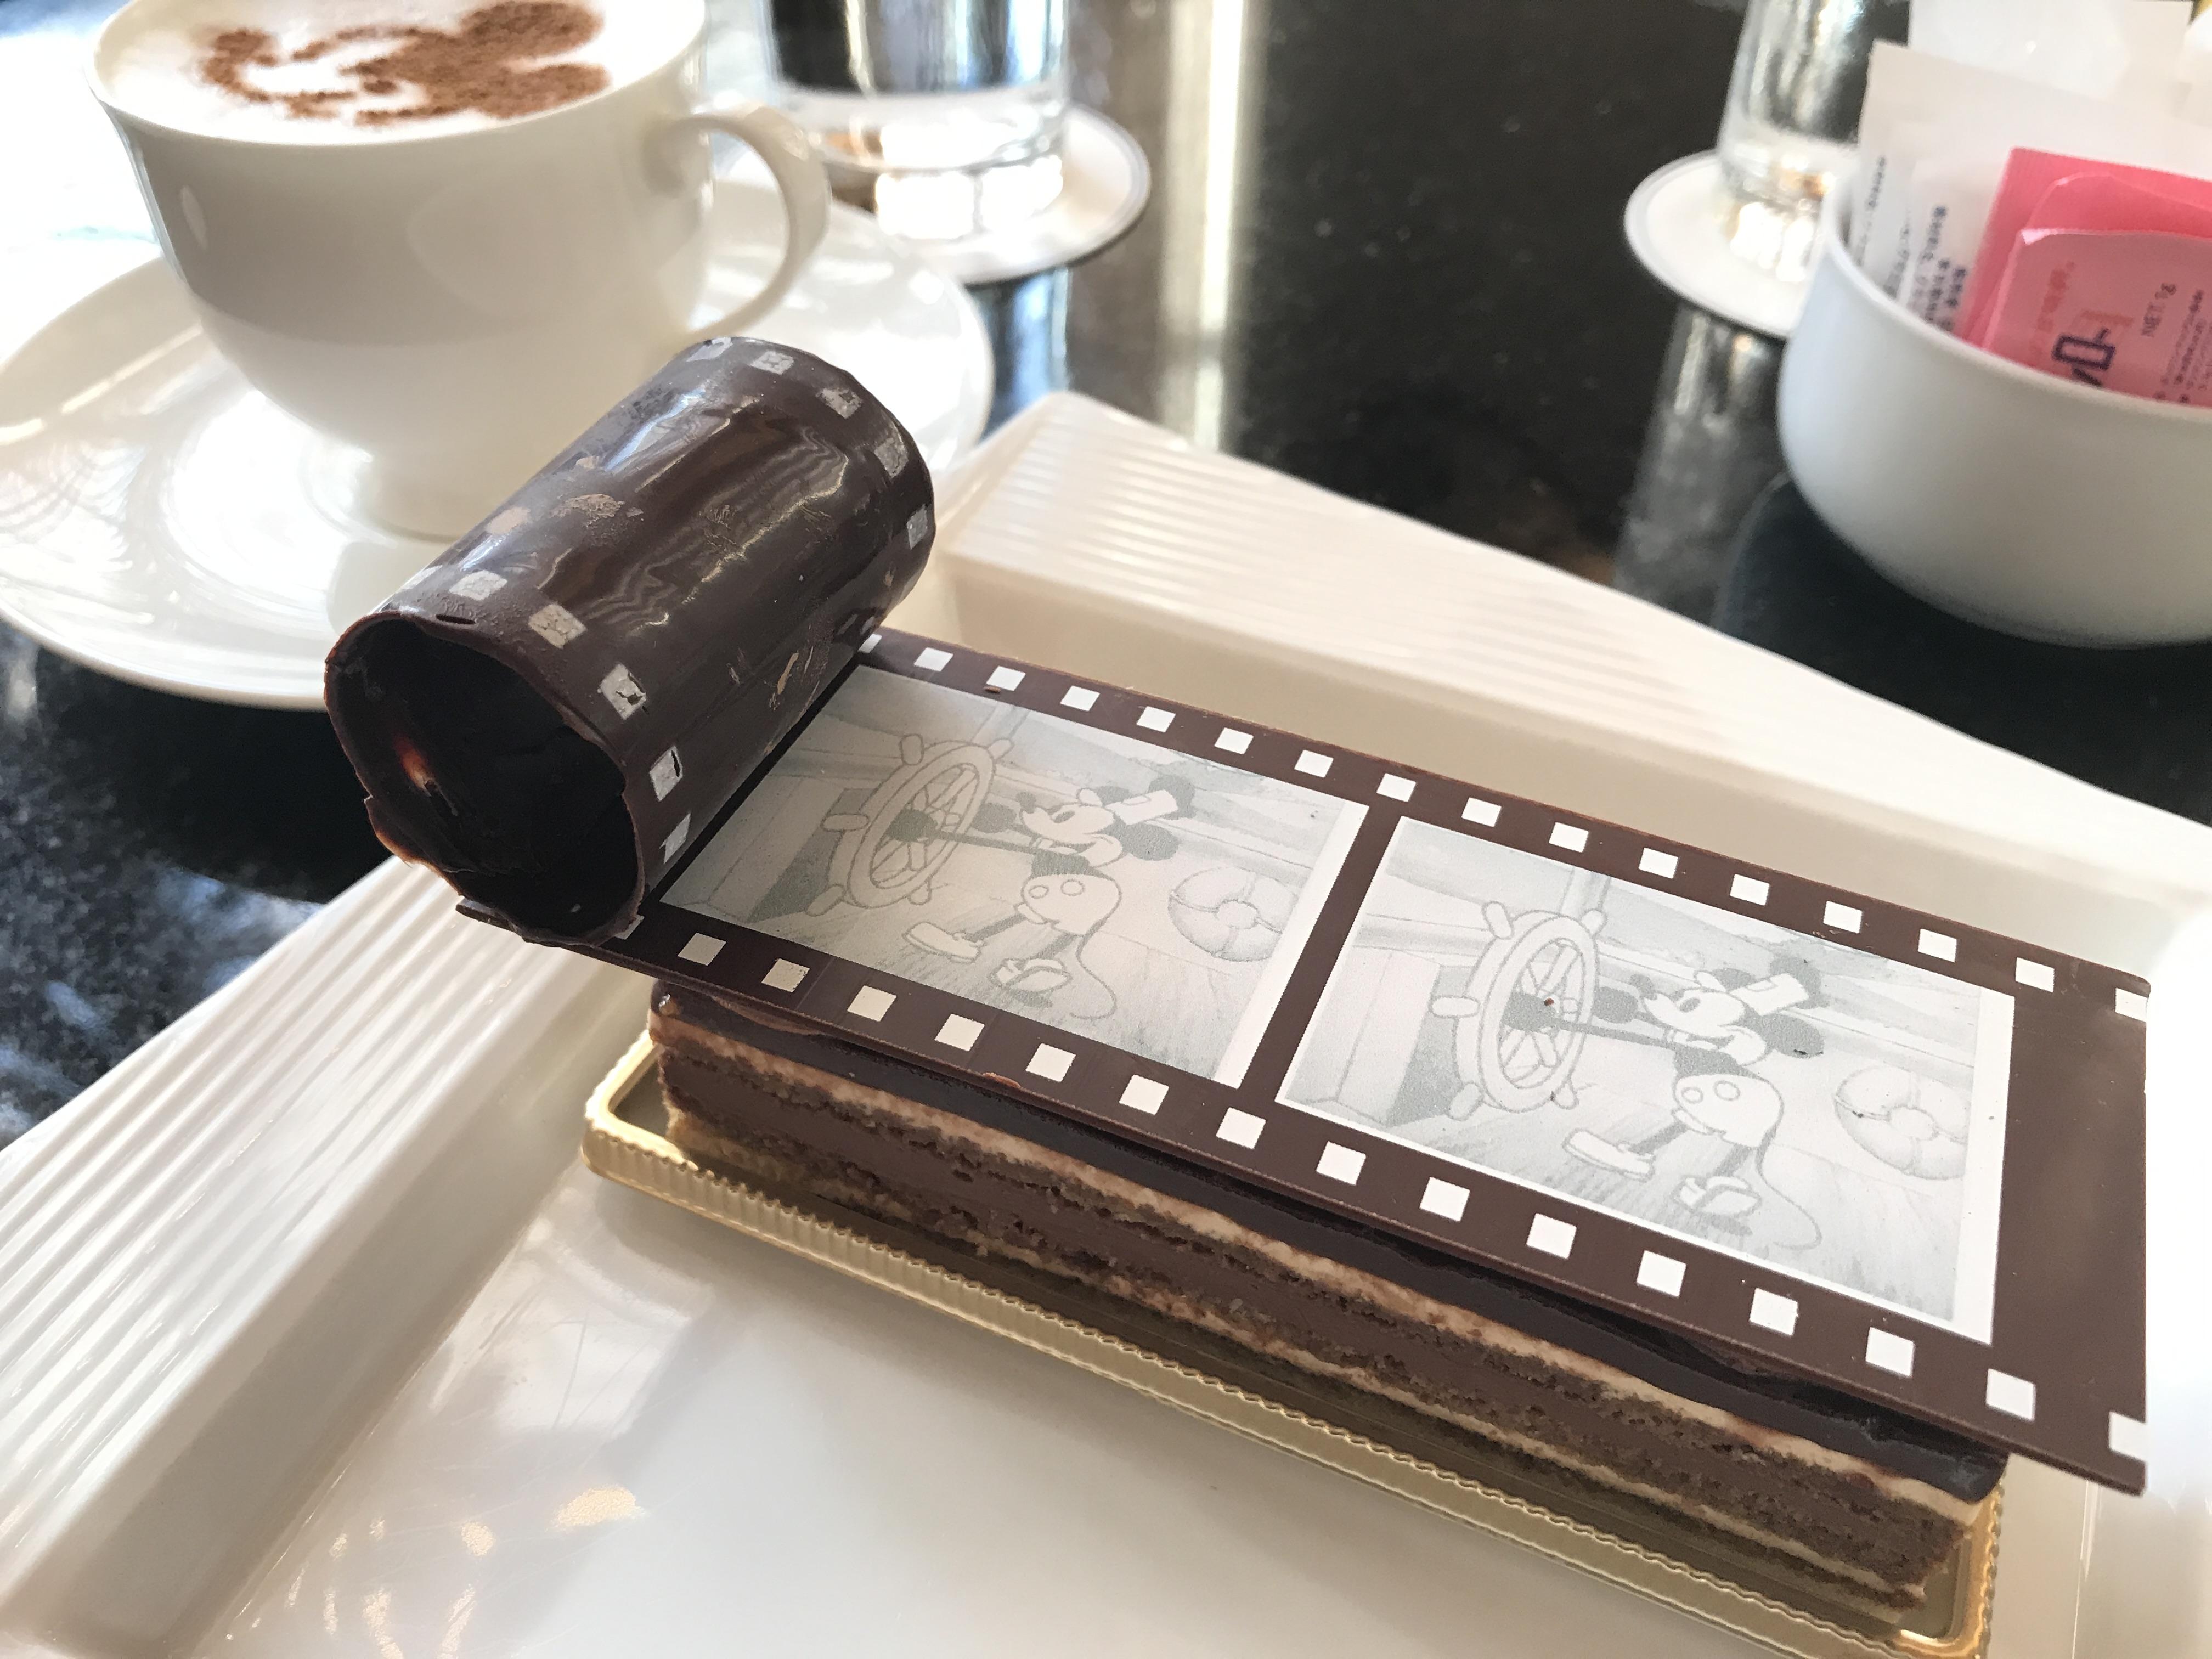 ディズニーアンバサダーホテルのラウンジでケーキセットを実食レポ!